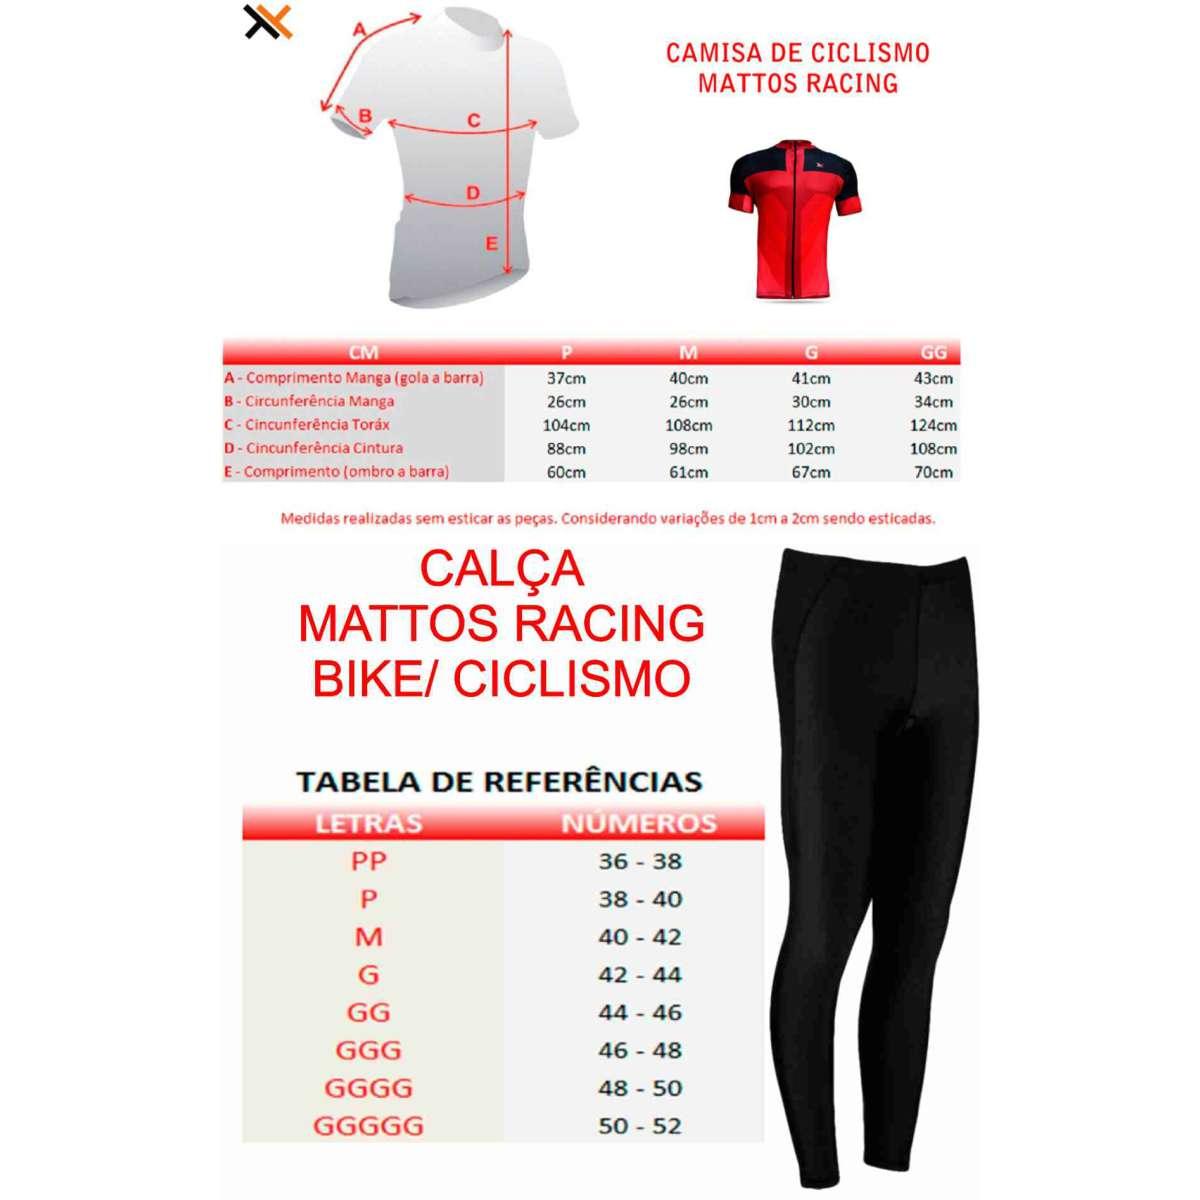 CONJUNTO CICLISMO CAMISA MATTOS RACING BIKE LISA MTB VERMELHO + CALÇA PRETO FORRO GEL MOUNTAIN BIKE